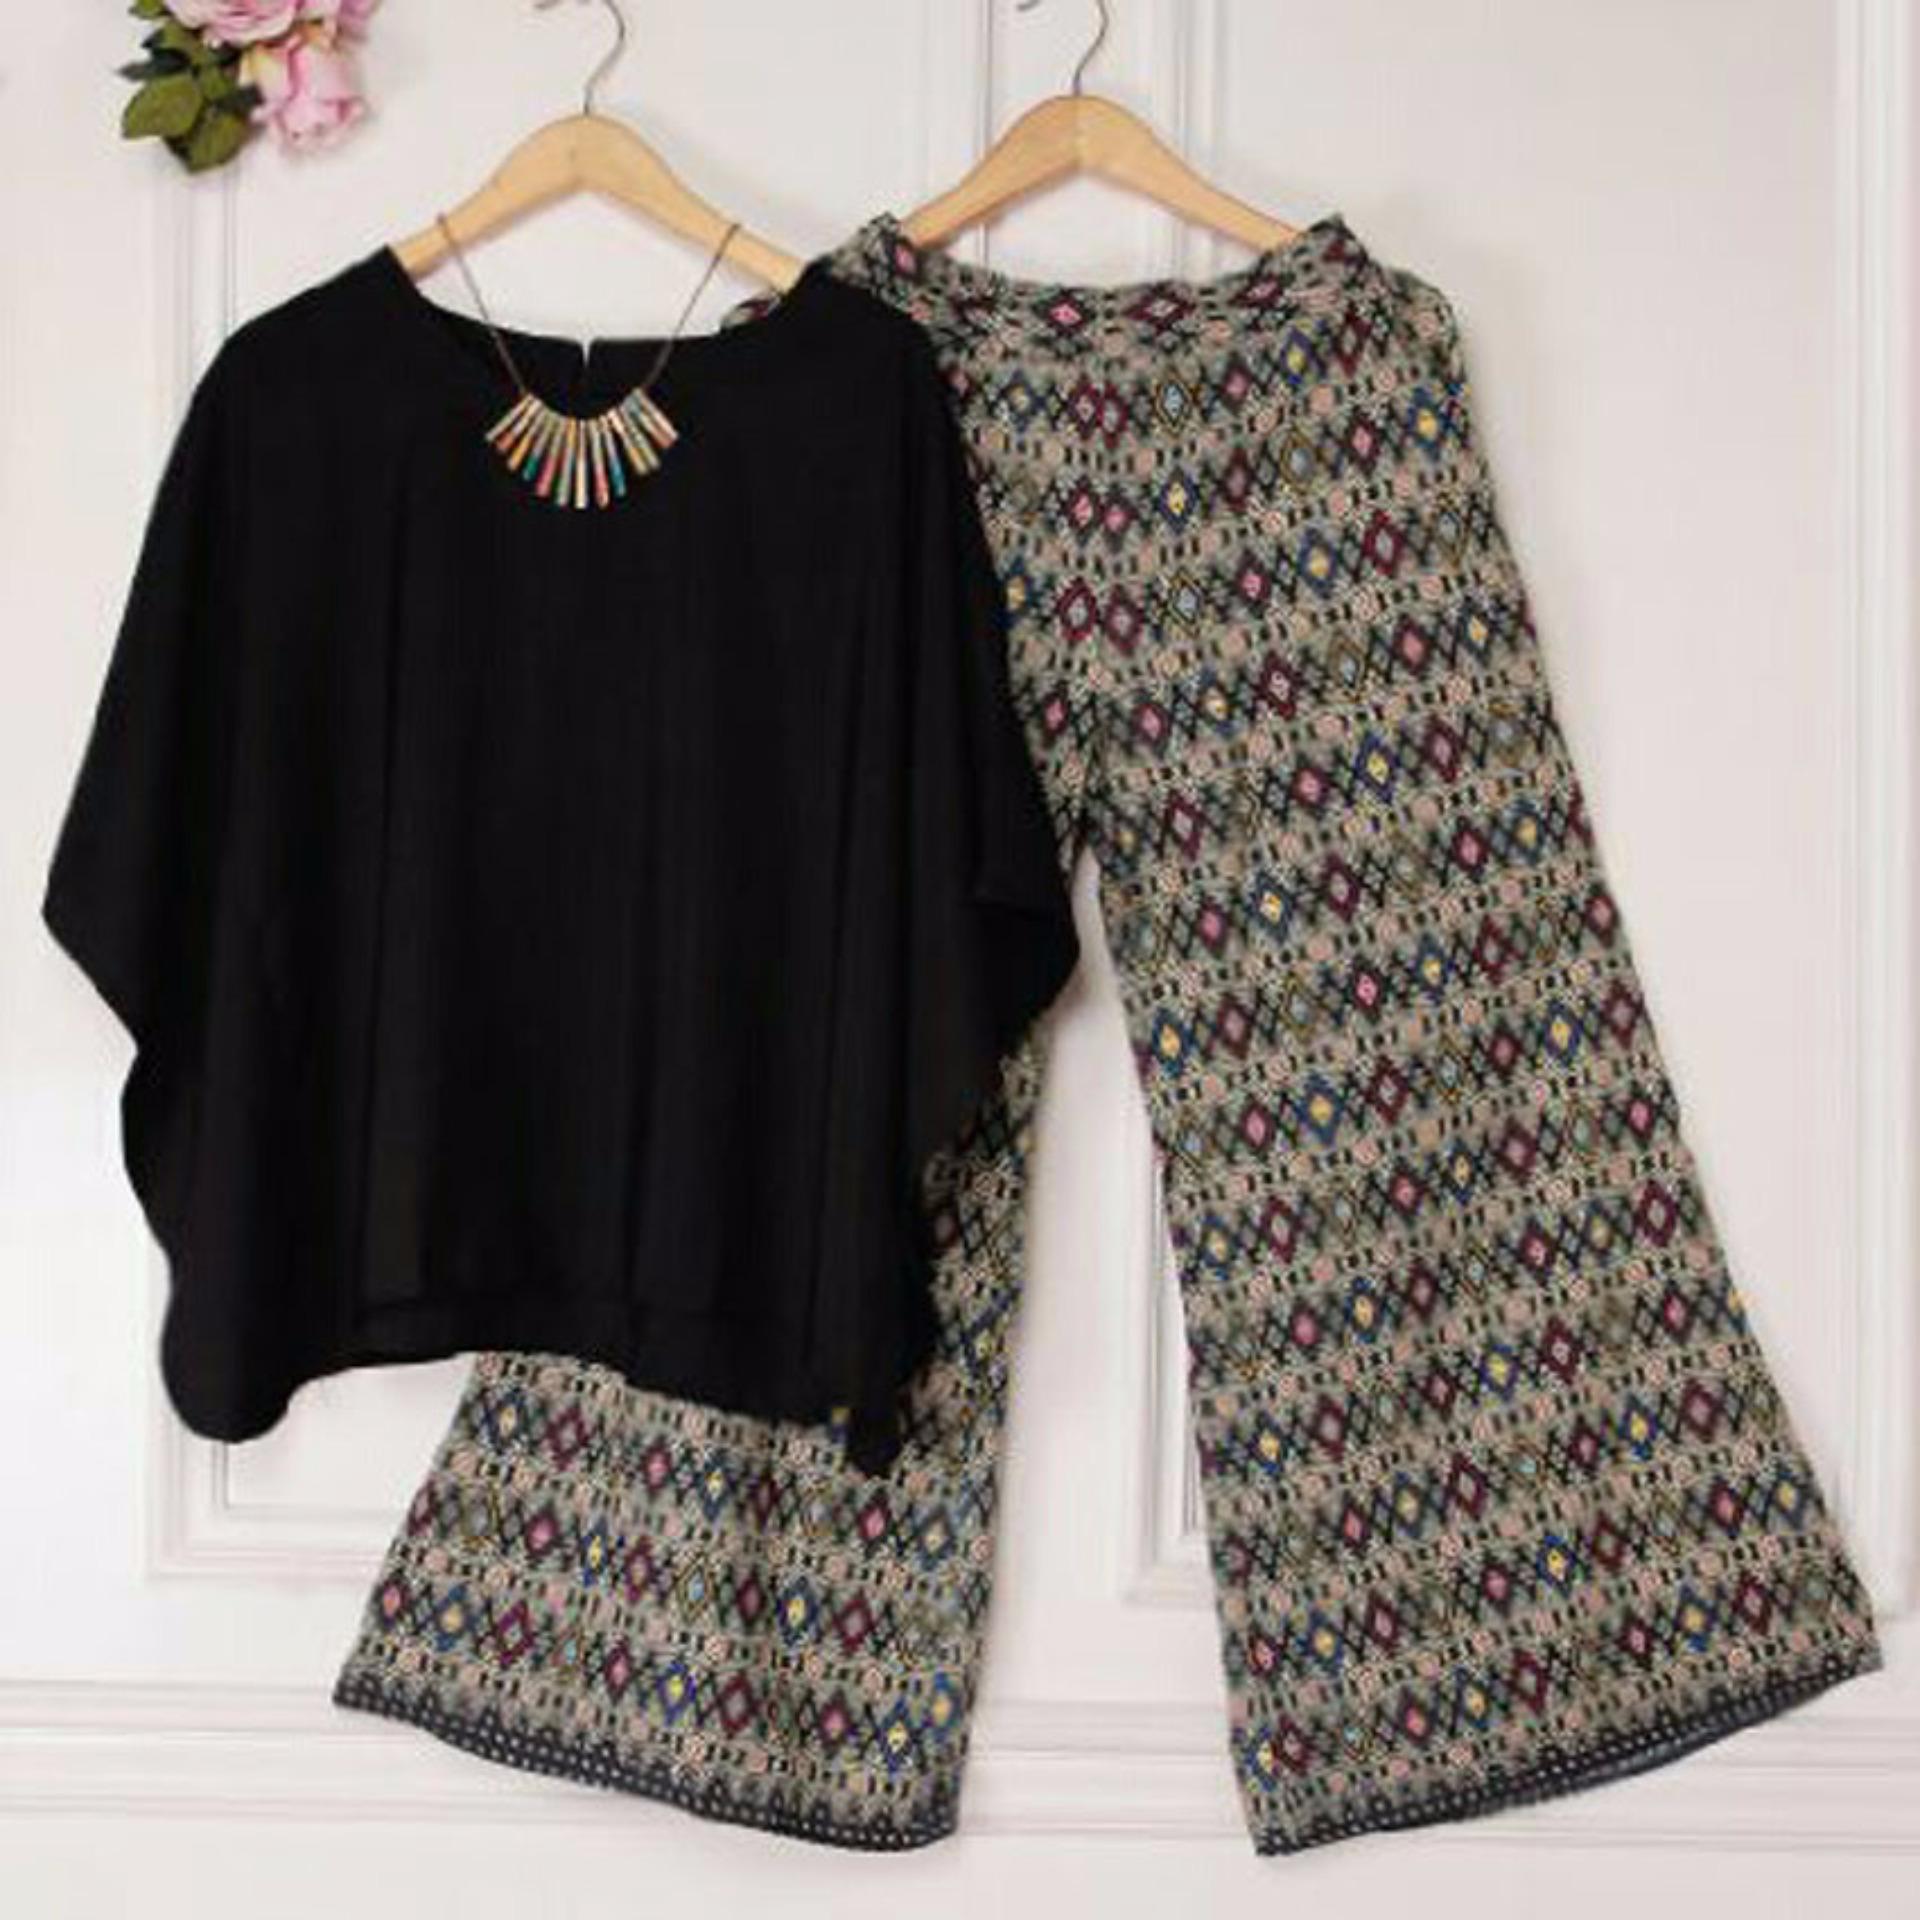 Grateful Setelan 2 in 1 Alexa Atasan dan Pants Kulot Wanita - Hitam